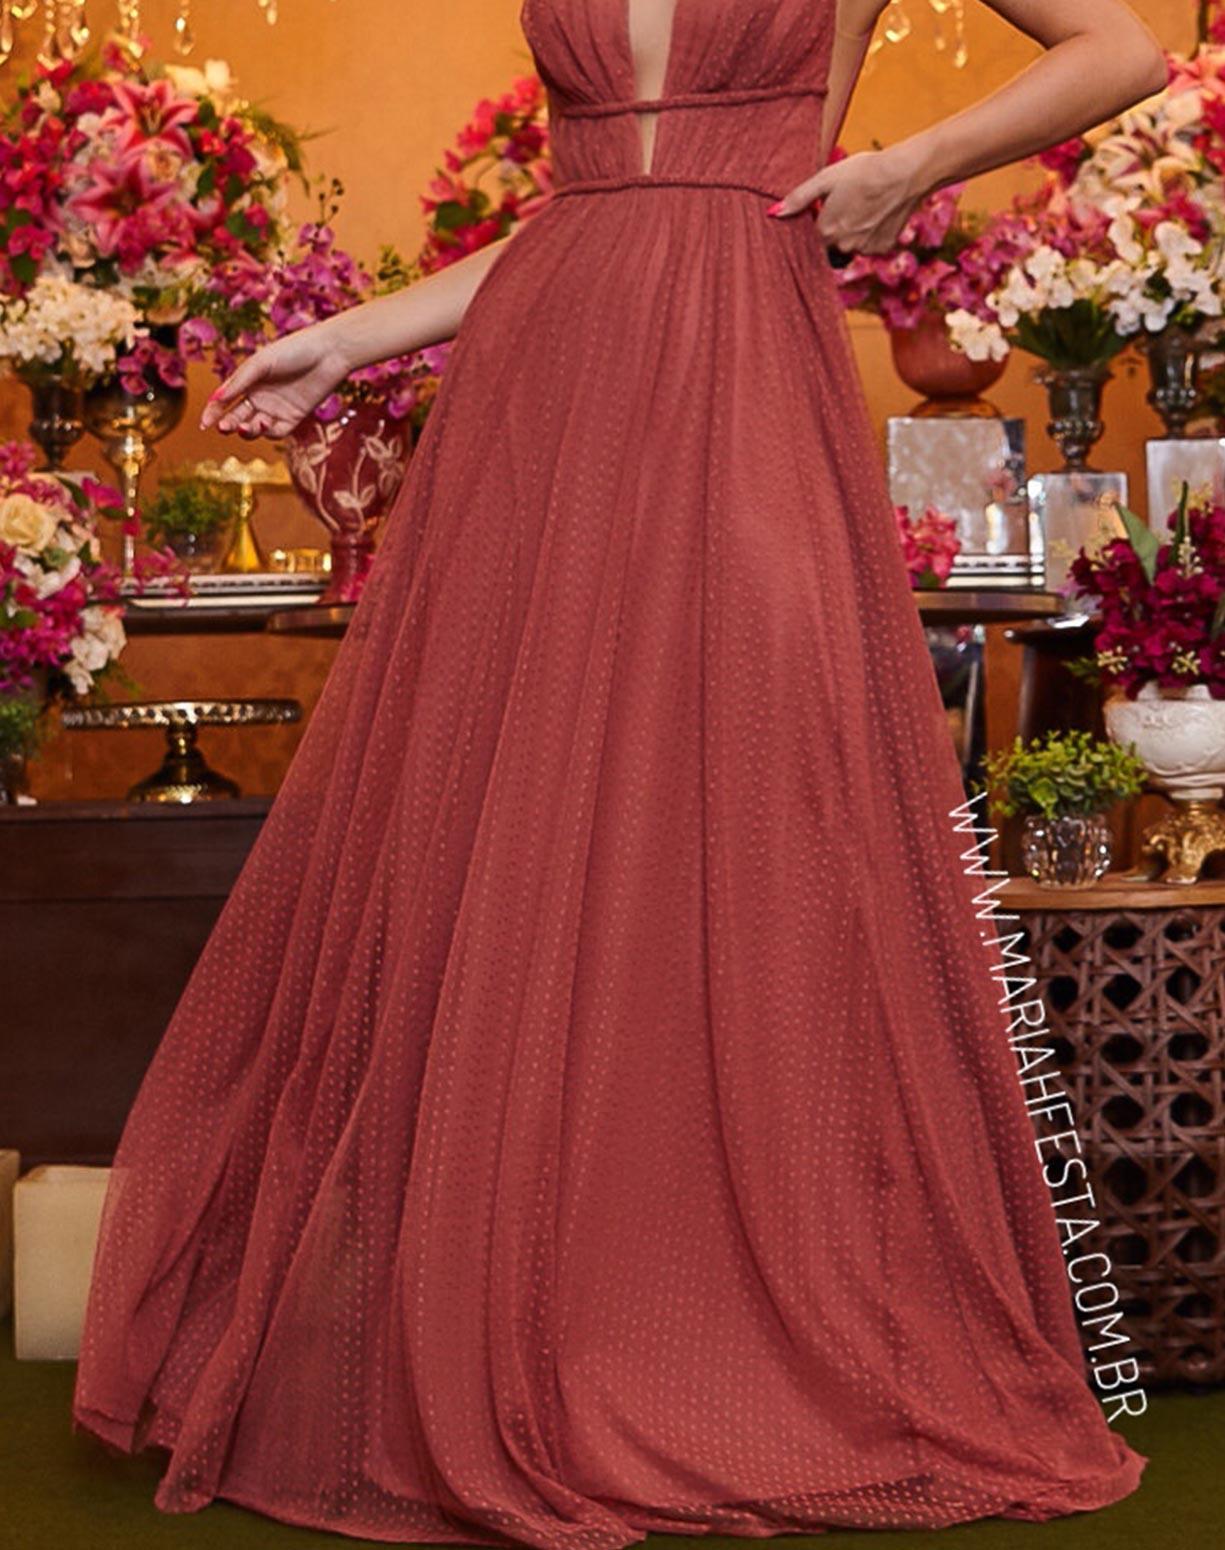 Vestido Rosa Antigo em Tule Texturizado com Saia Evasê